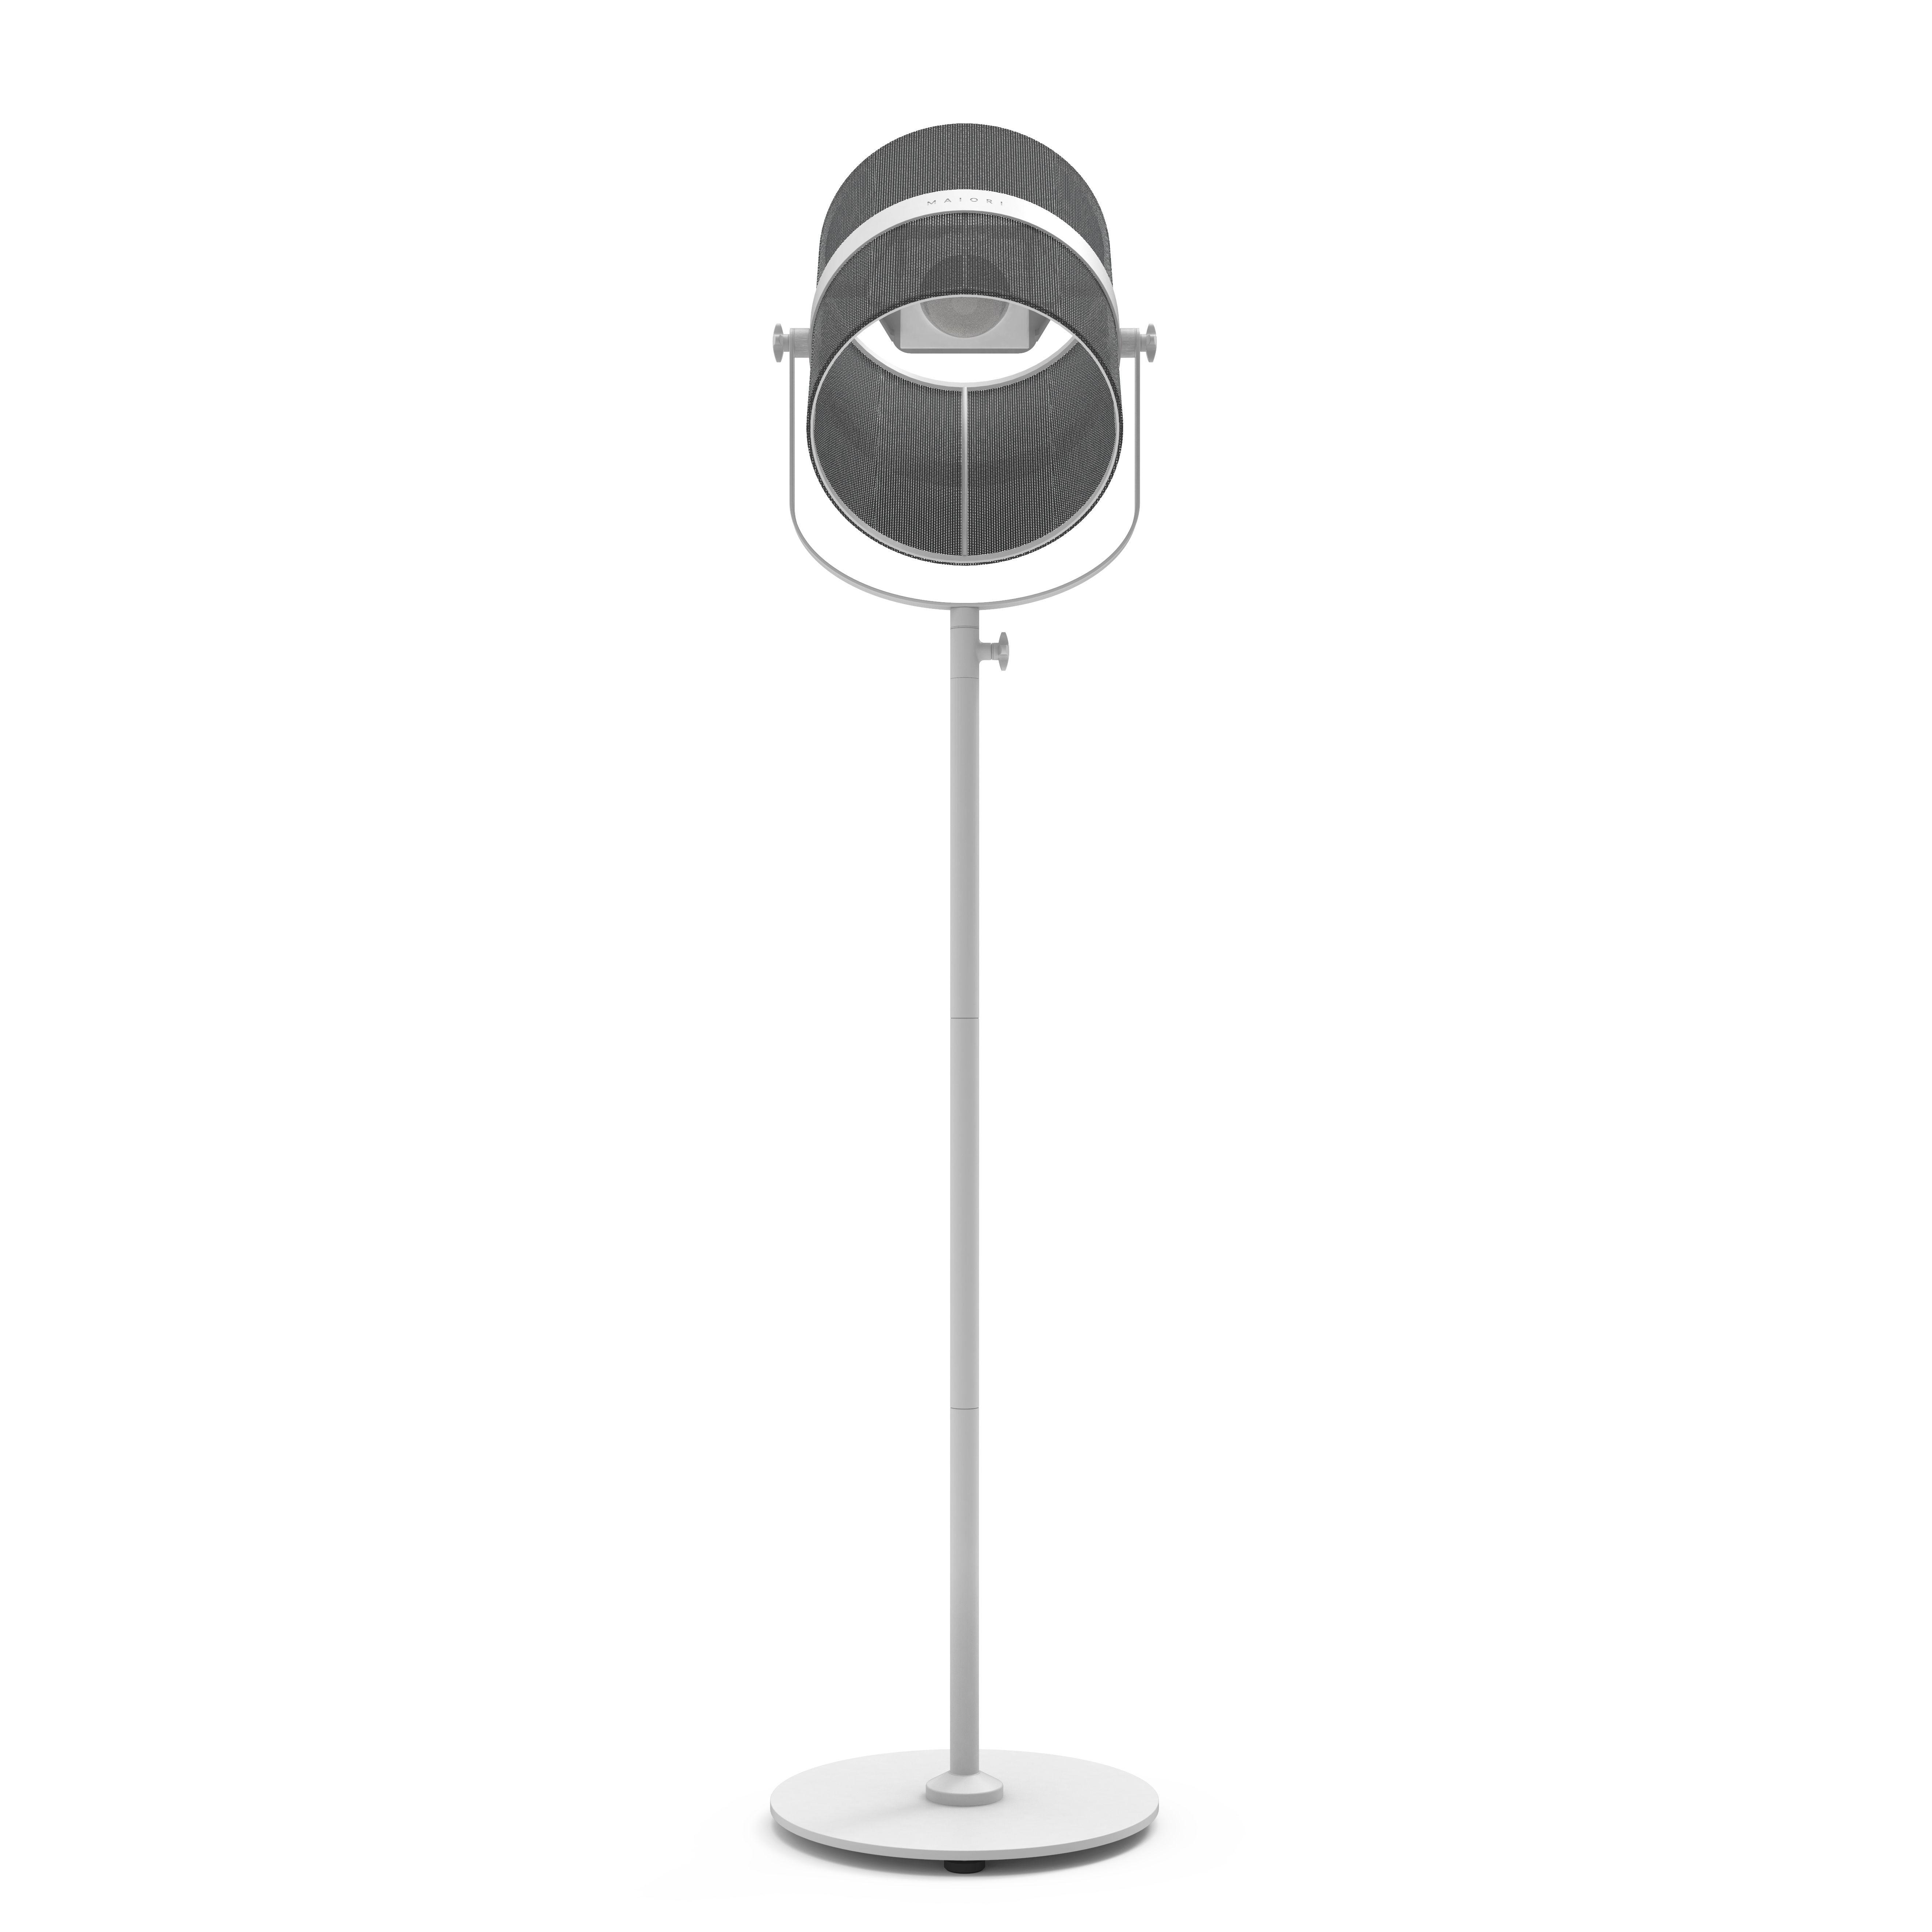 Lighting - Floor lamps - La Lampe Paris LED Solar floorlamp - / Solar by Maiori - Structure : White - Diffuser : Black - Fabric, Painted aluminium